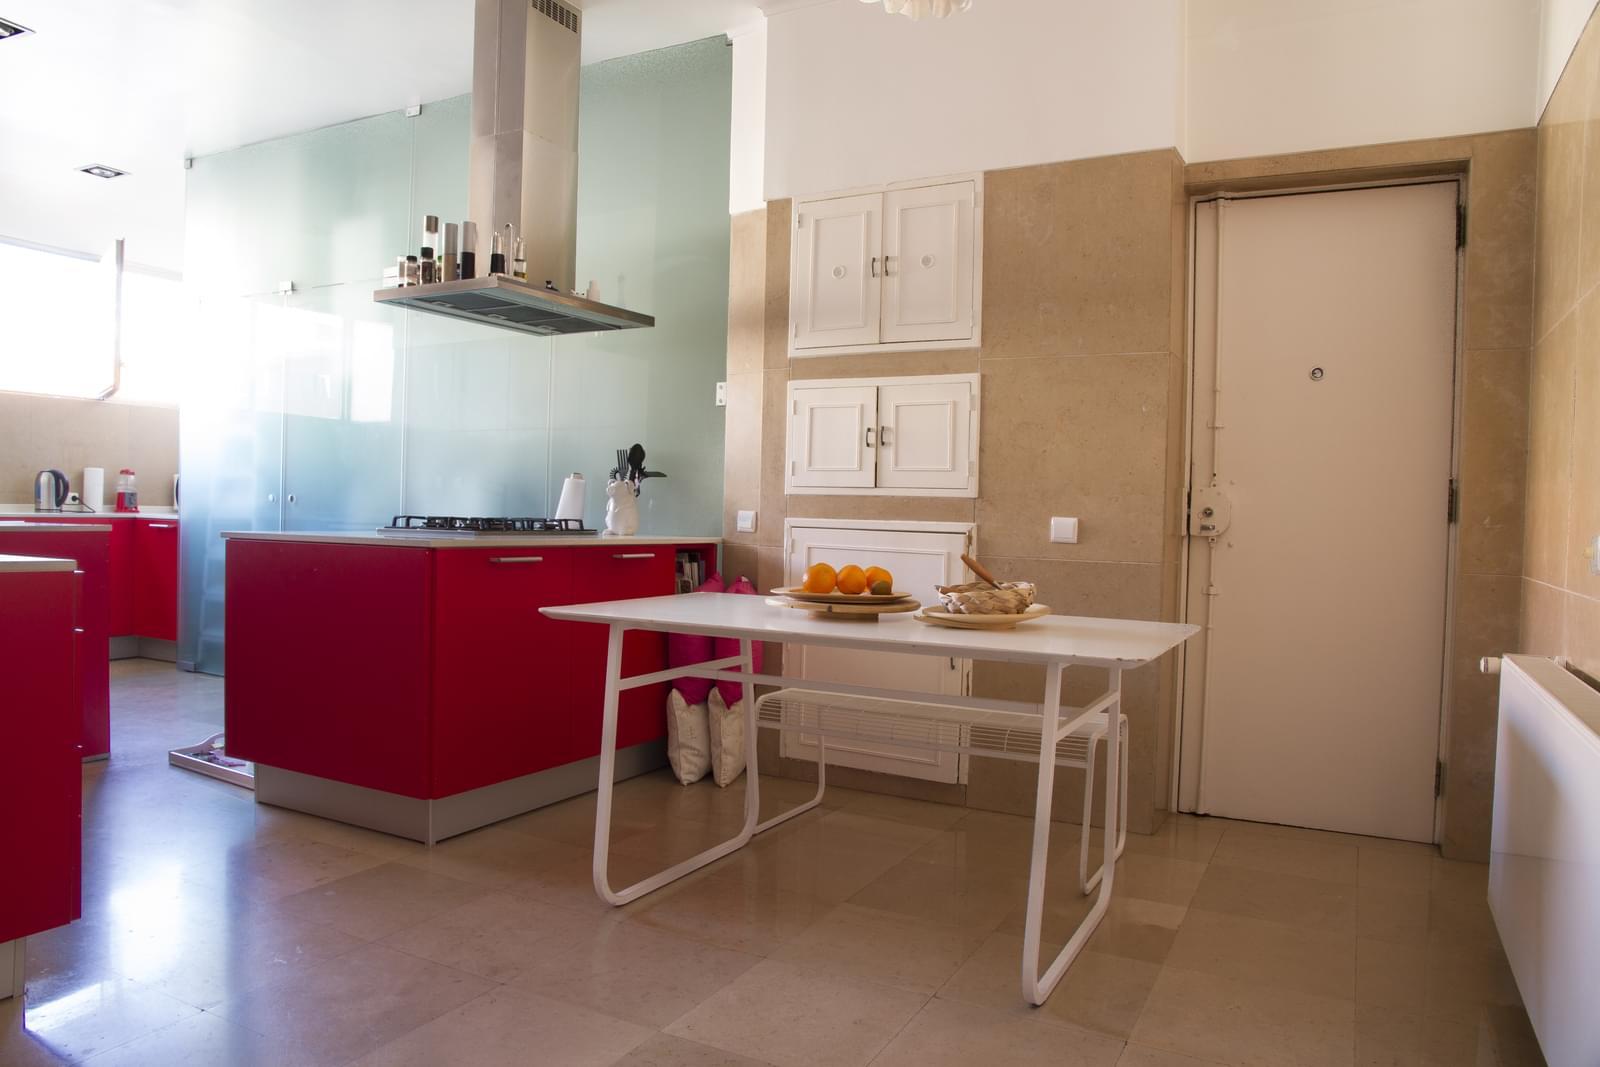 pf18175-apartamento-t5-lisboa-e6e00181-289c-4ab7-8e6d-99c5cb114c77